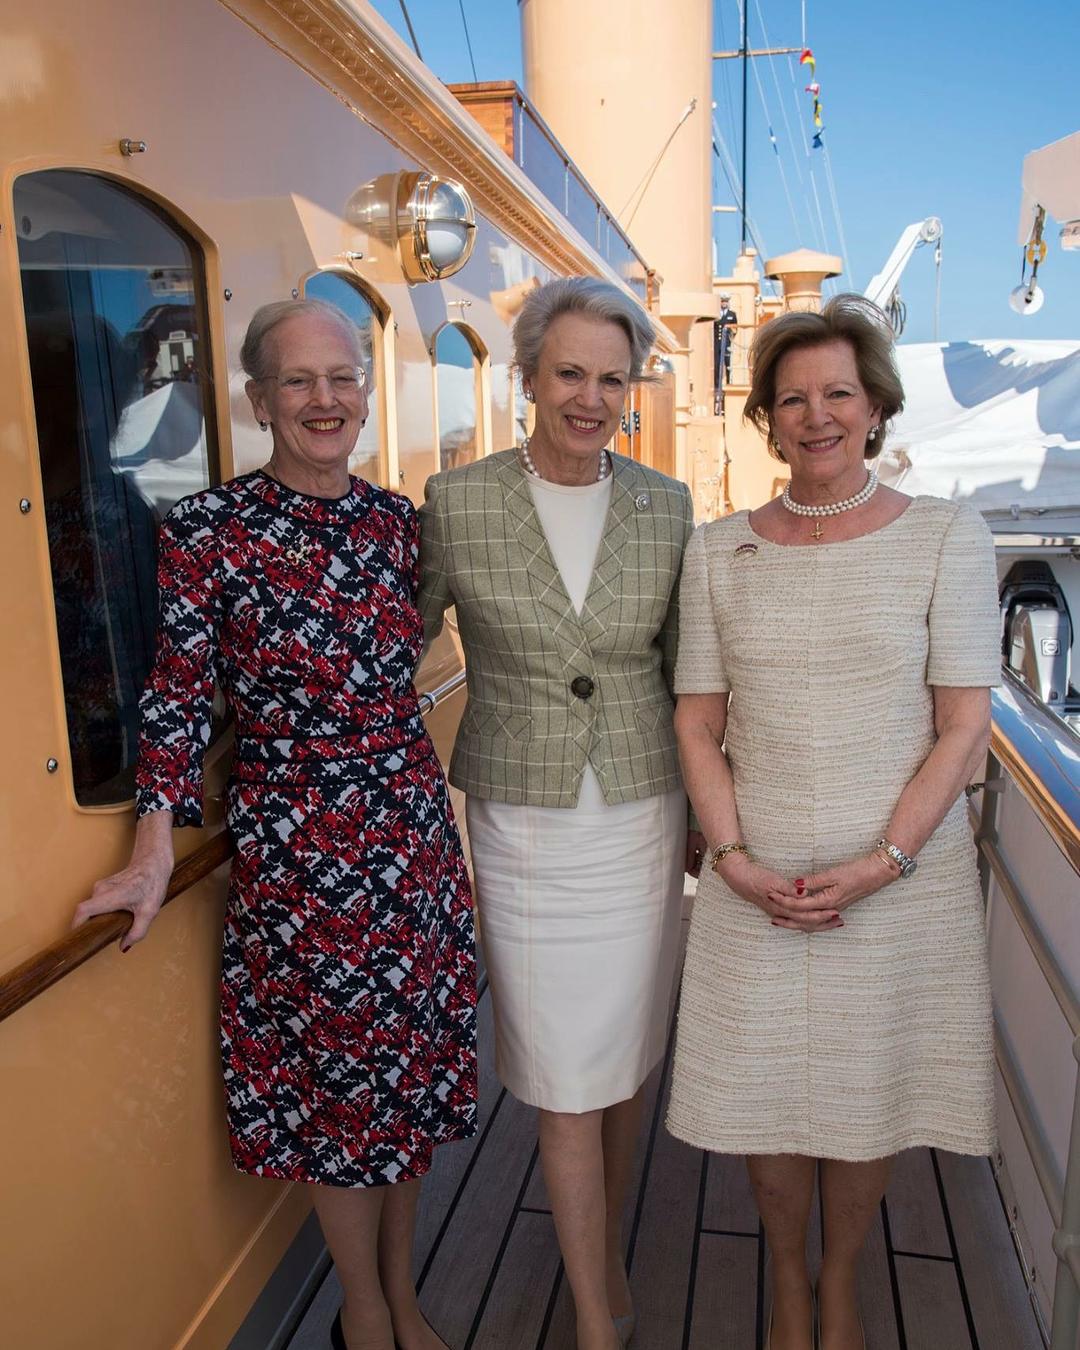 Die 78-jährige Regentin hatte schon immer ein Faible für Farben. In ihrem Kleid sieht sie besonders flott aus. Benedikte und Anne-Marie ziehen offenbar dezente Farben vor.  ©Kongehuset